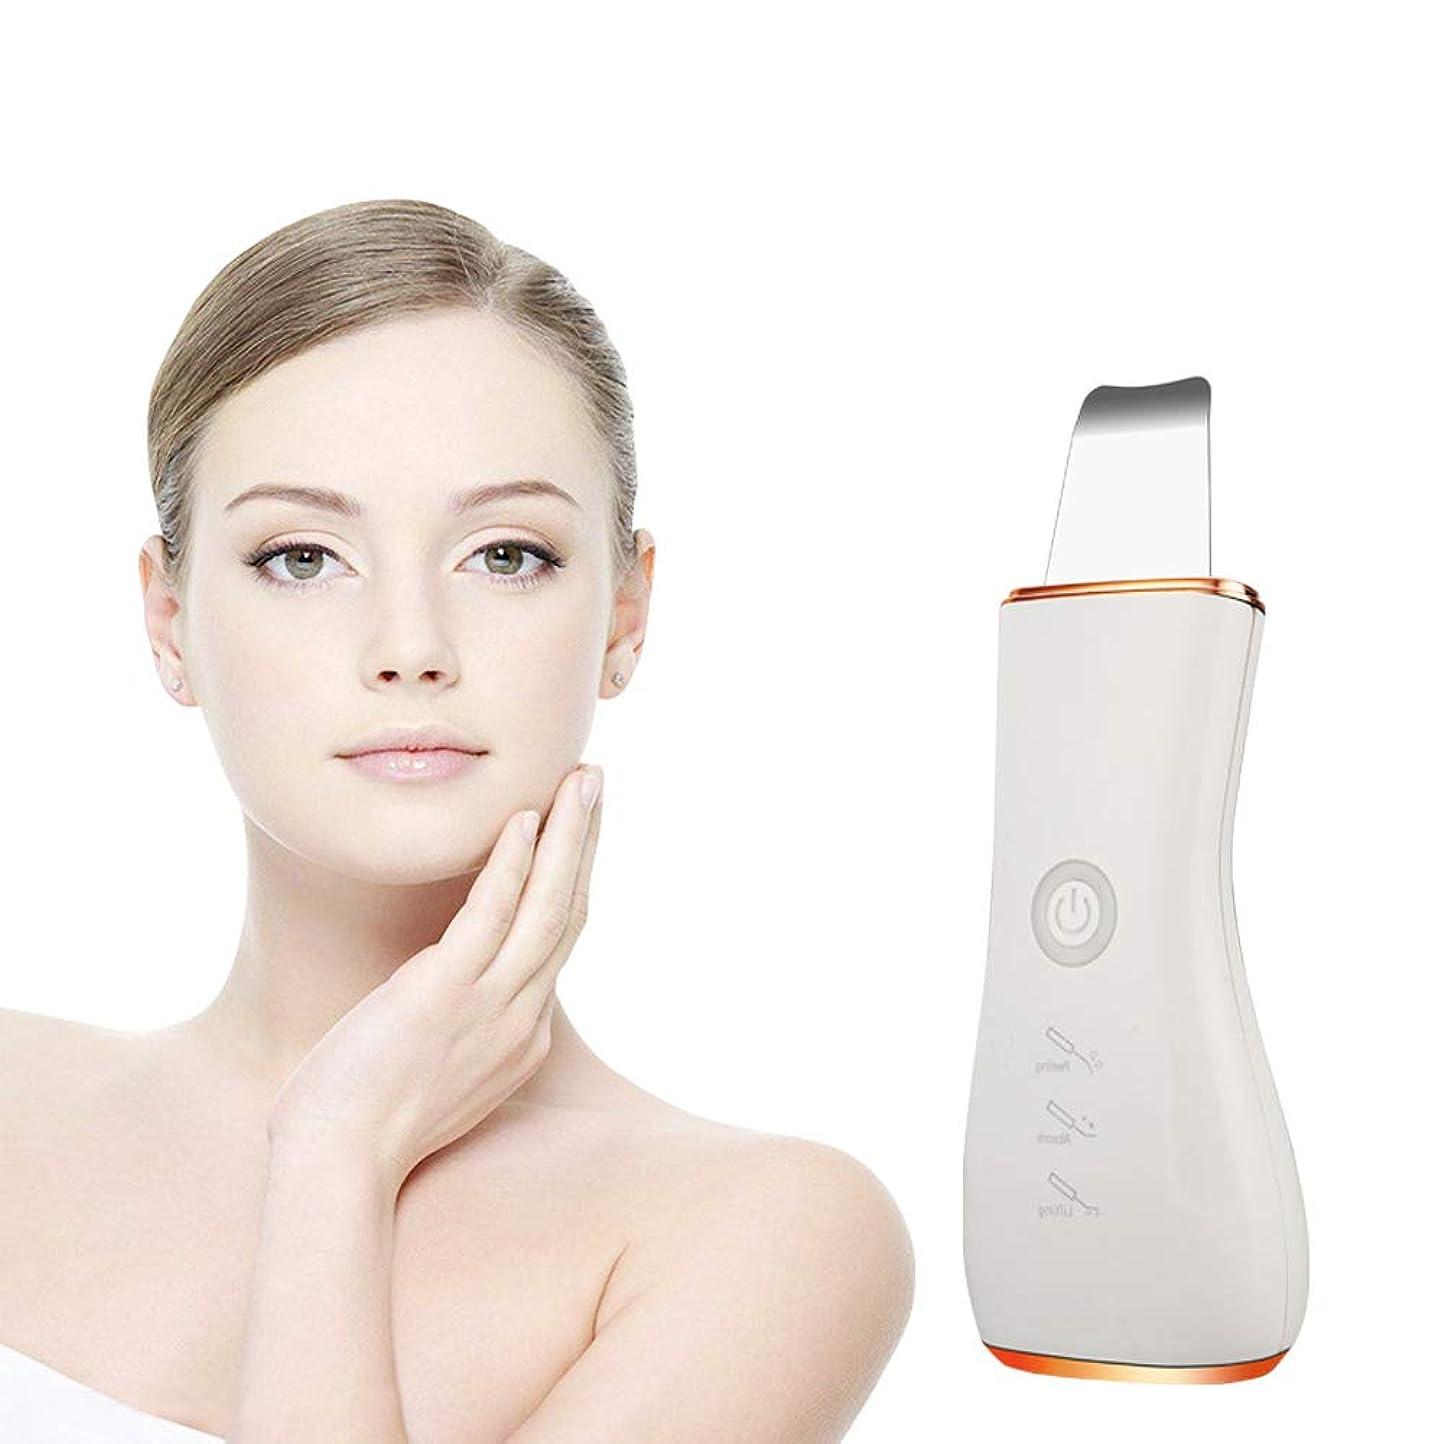 私たちのものエンジニアリング出撃者美顔術の皮のスクラバー、超音波深い表面クリーニング機械は汚れのしみを取除きますしわおよび点を減らす美顔術の白くなること,Gold